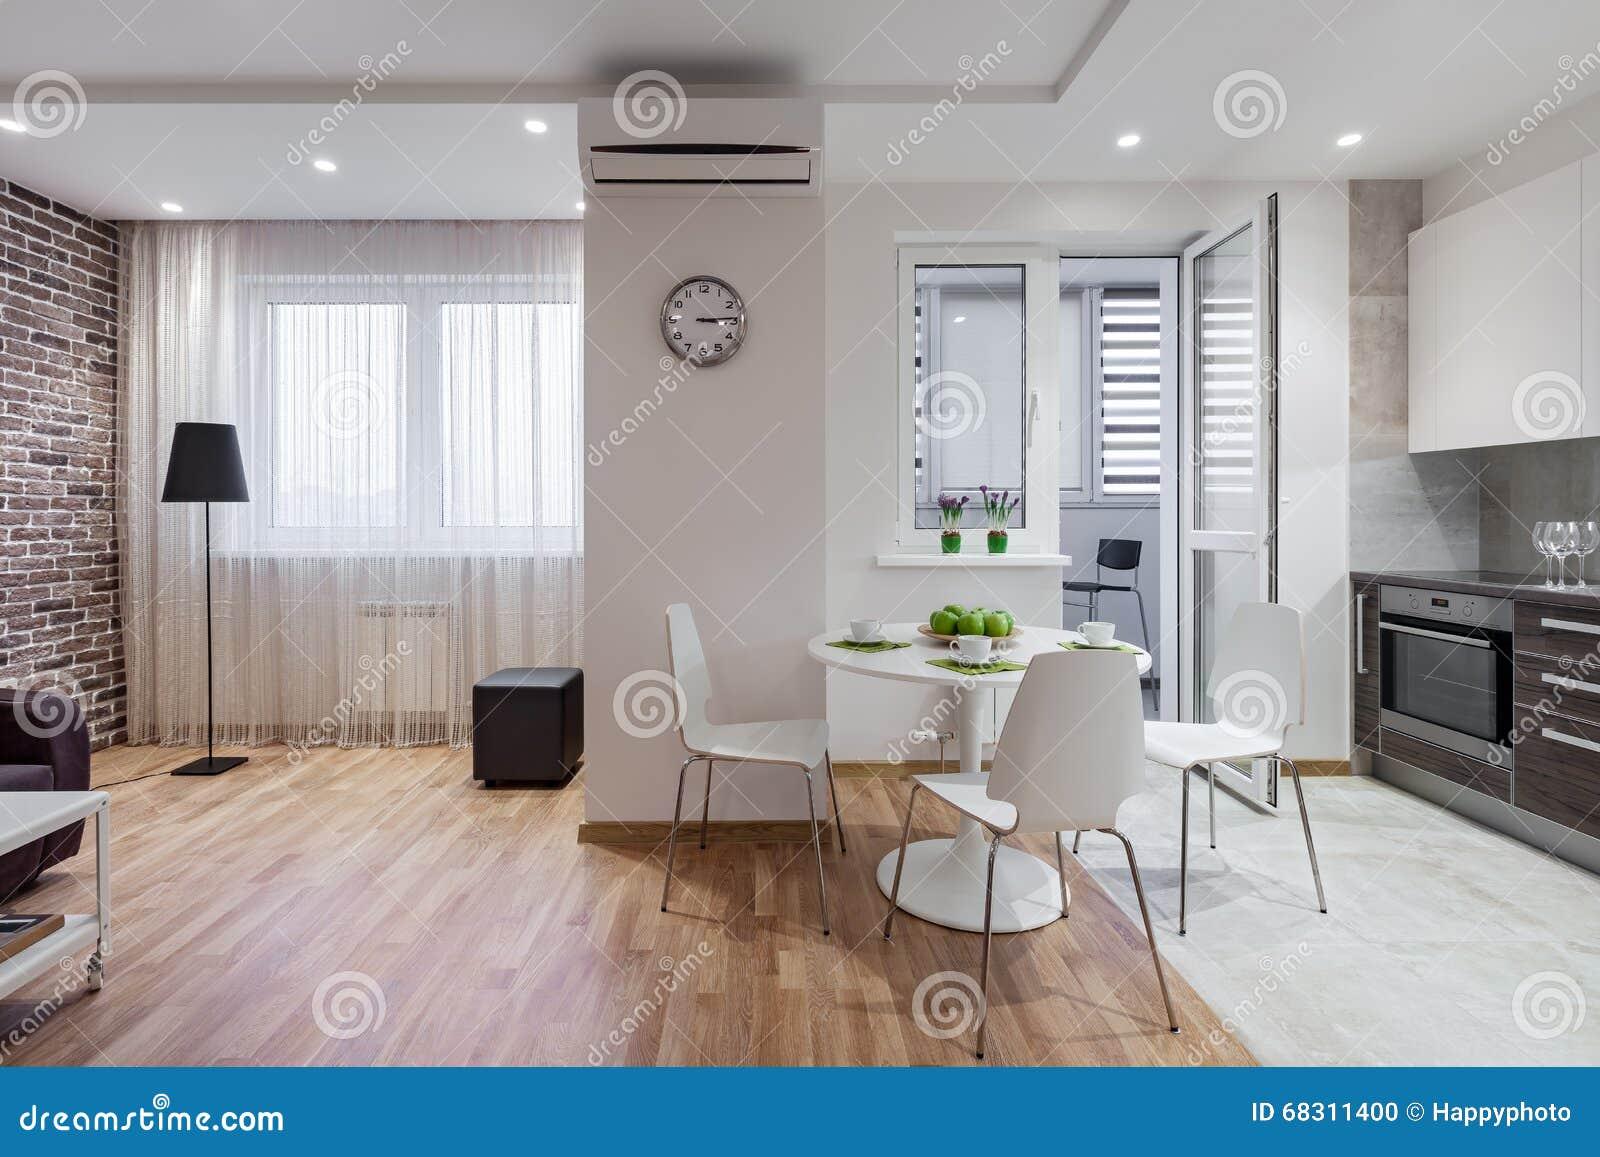 Keuken Interieur Scandinavisch : Binnenland van moderne flat in skandinavische stijl met keuken